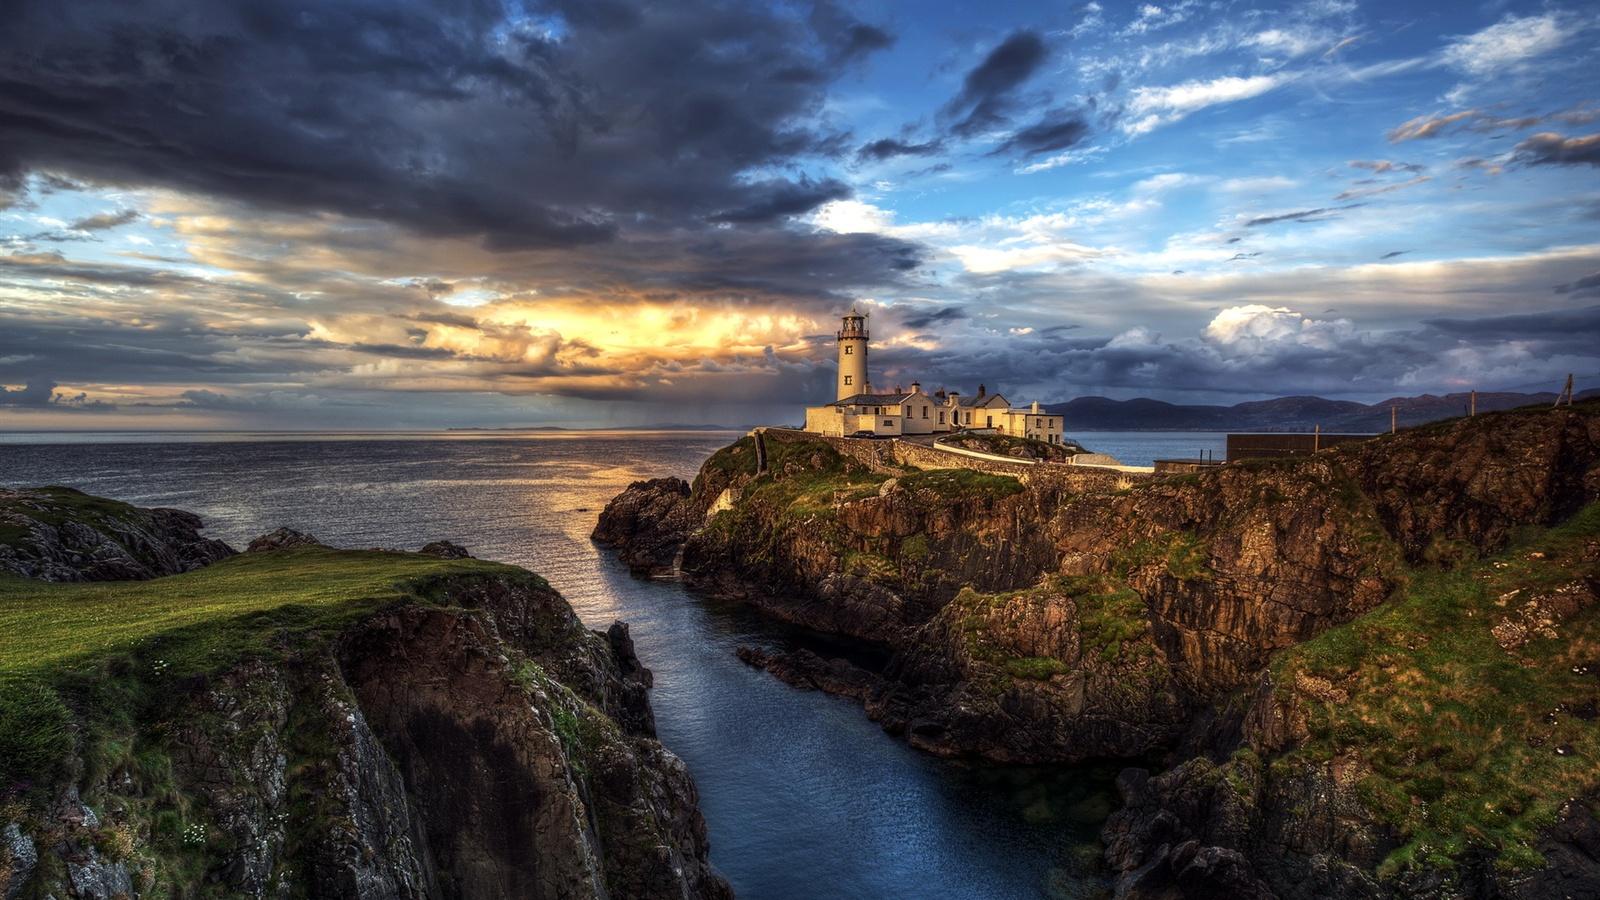 irland leuchtturm meer seelandschaft sonnenuntergang